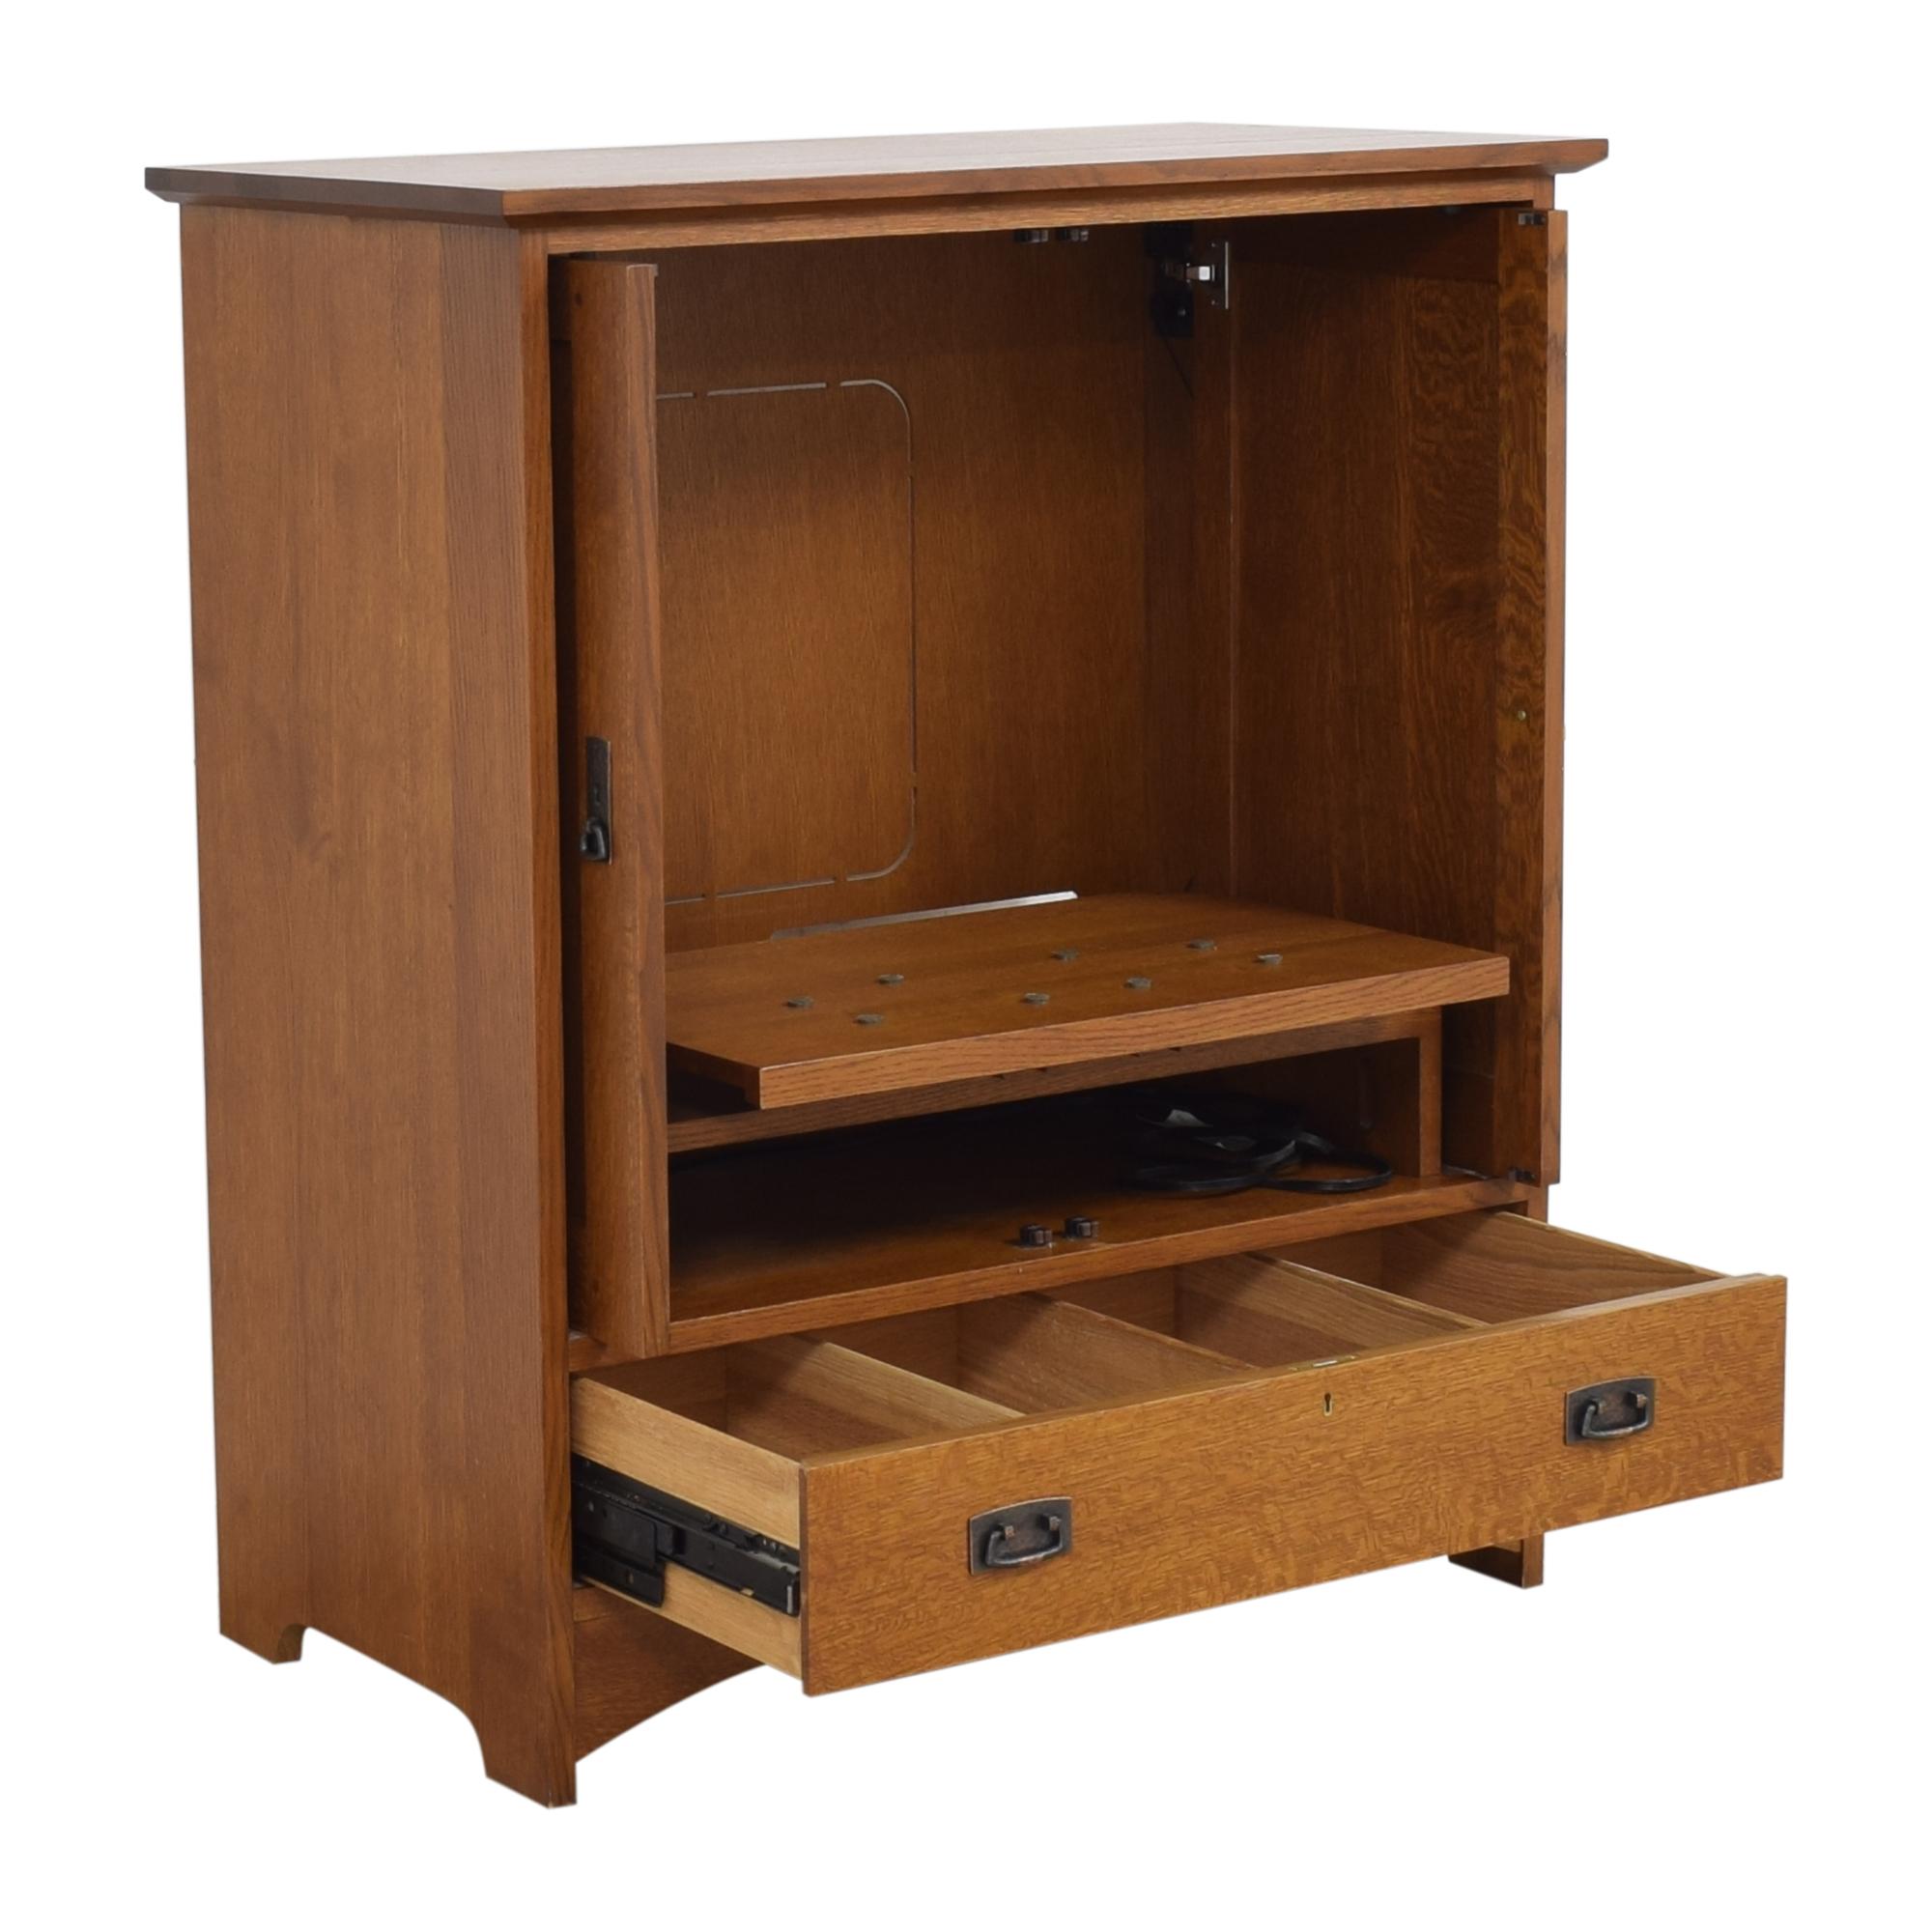 Stickley Furniture Stickley Furniture Media Cabinet ct